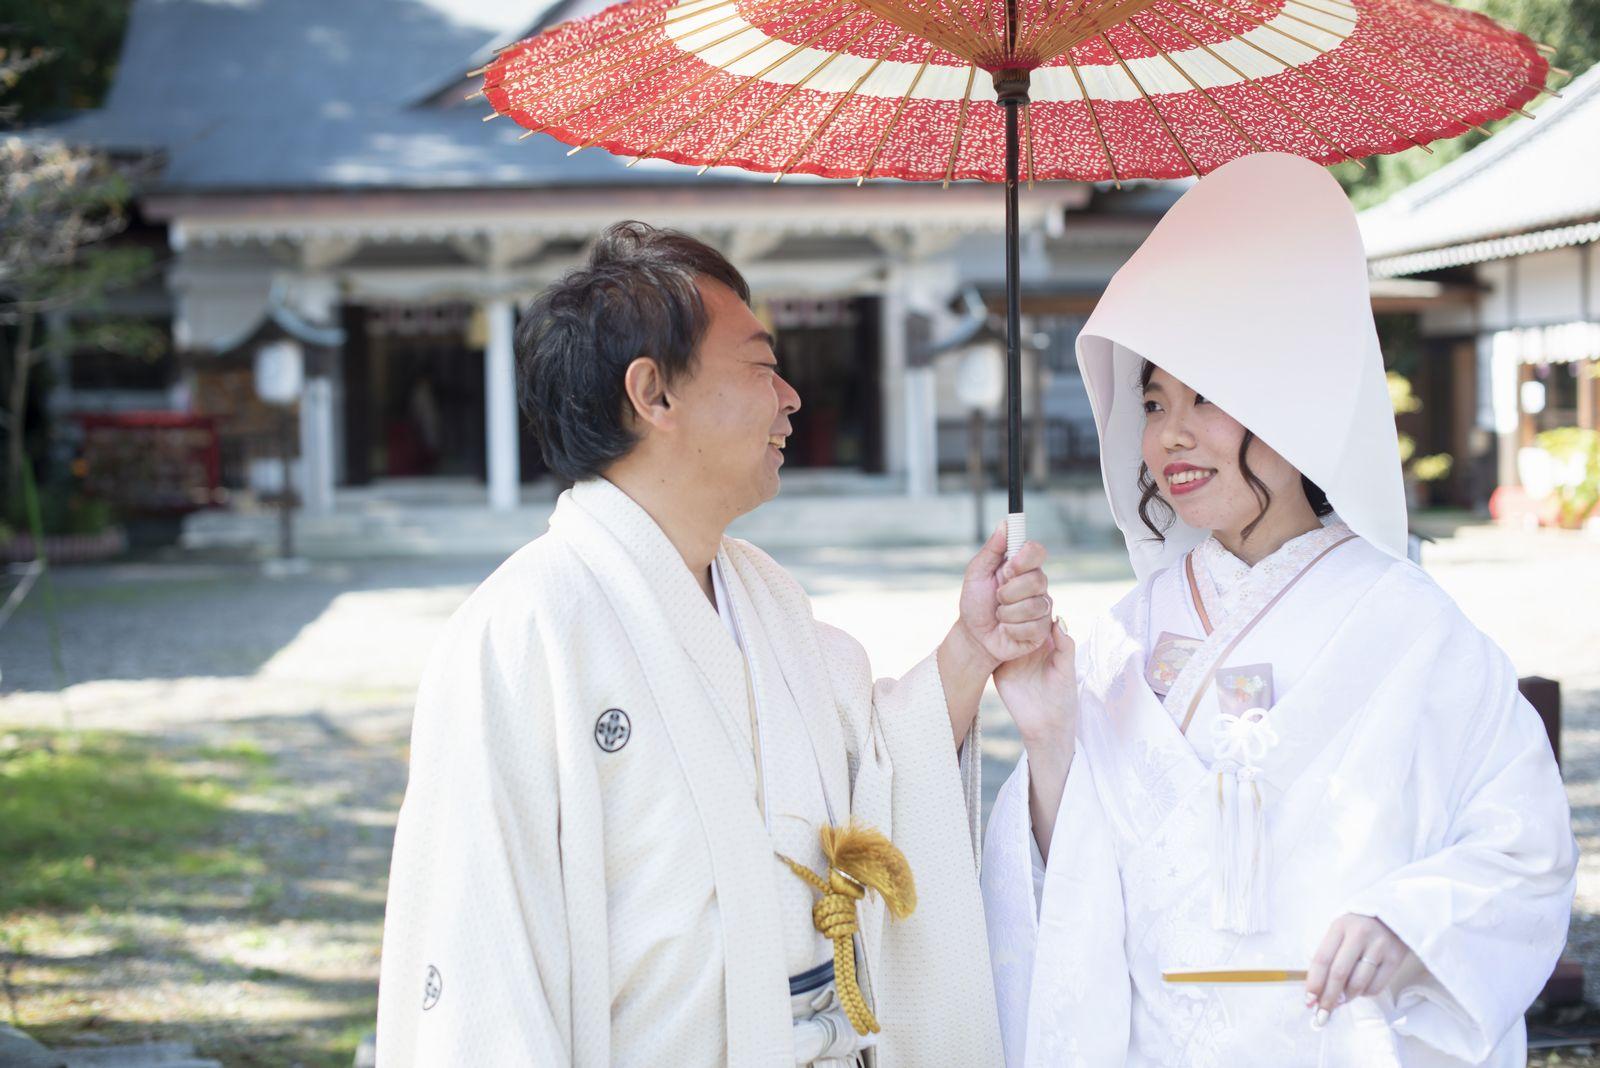 徳島市の結婚式場ブランアンジュで披露宴を行う前に挙式をした忌部神社で番傘をさして写真を撮影する新郎新婦